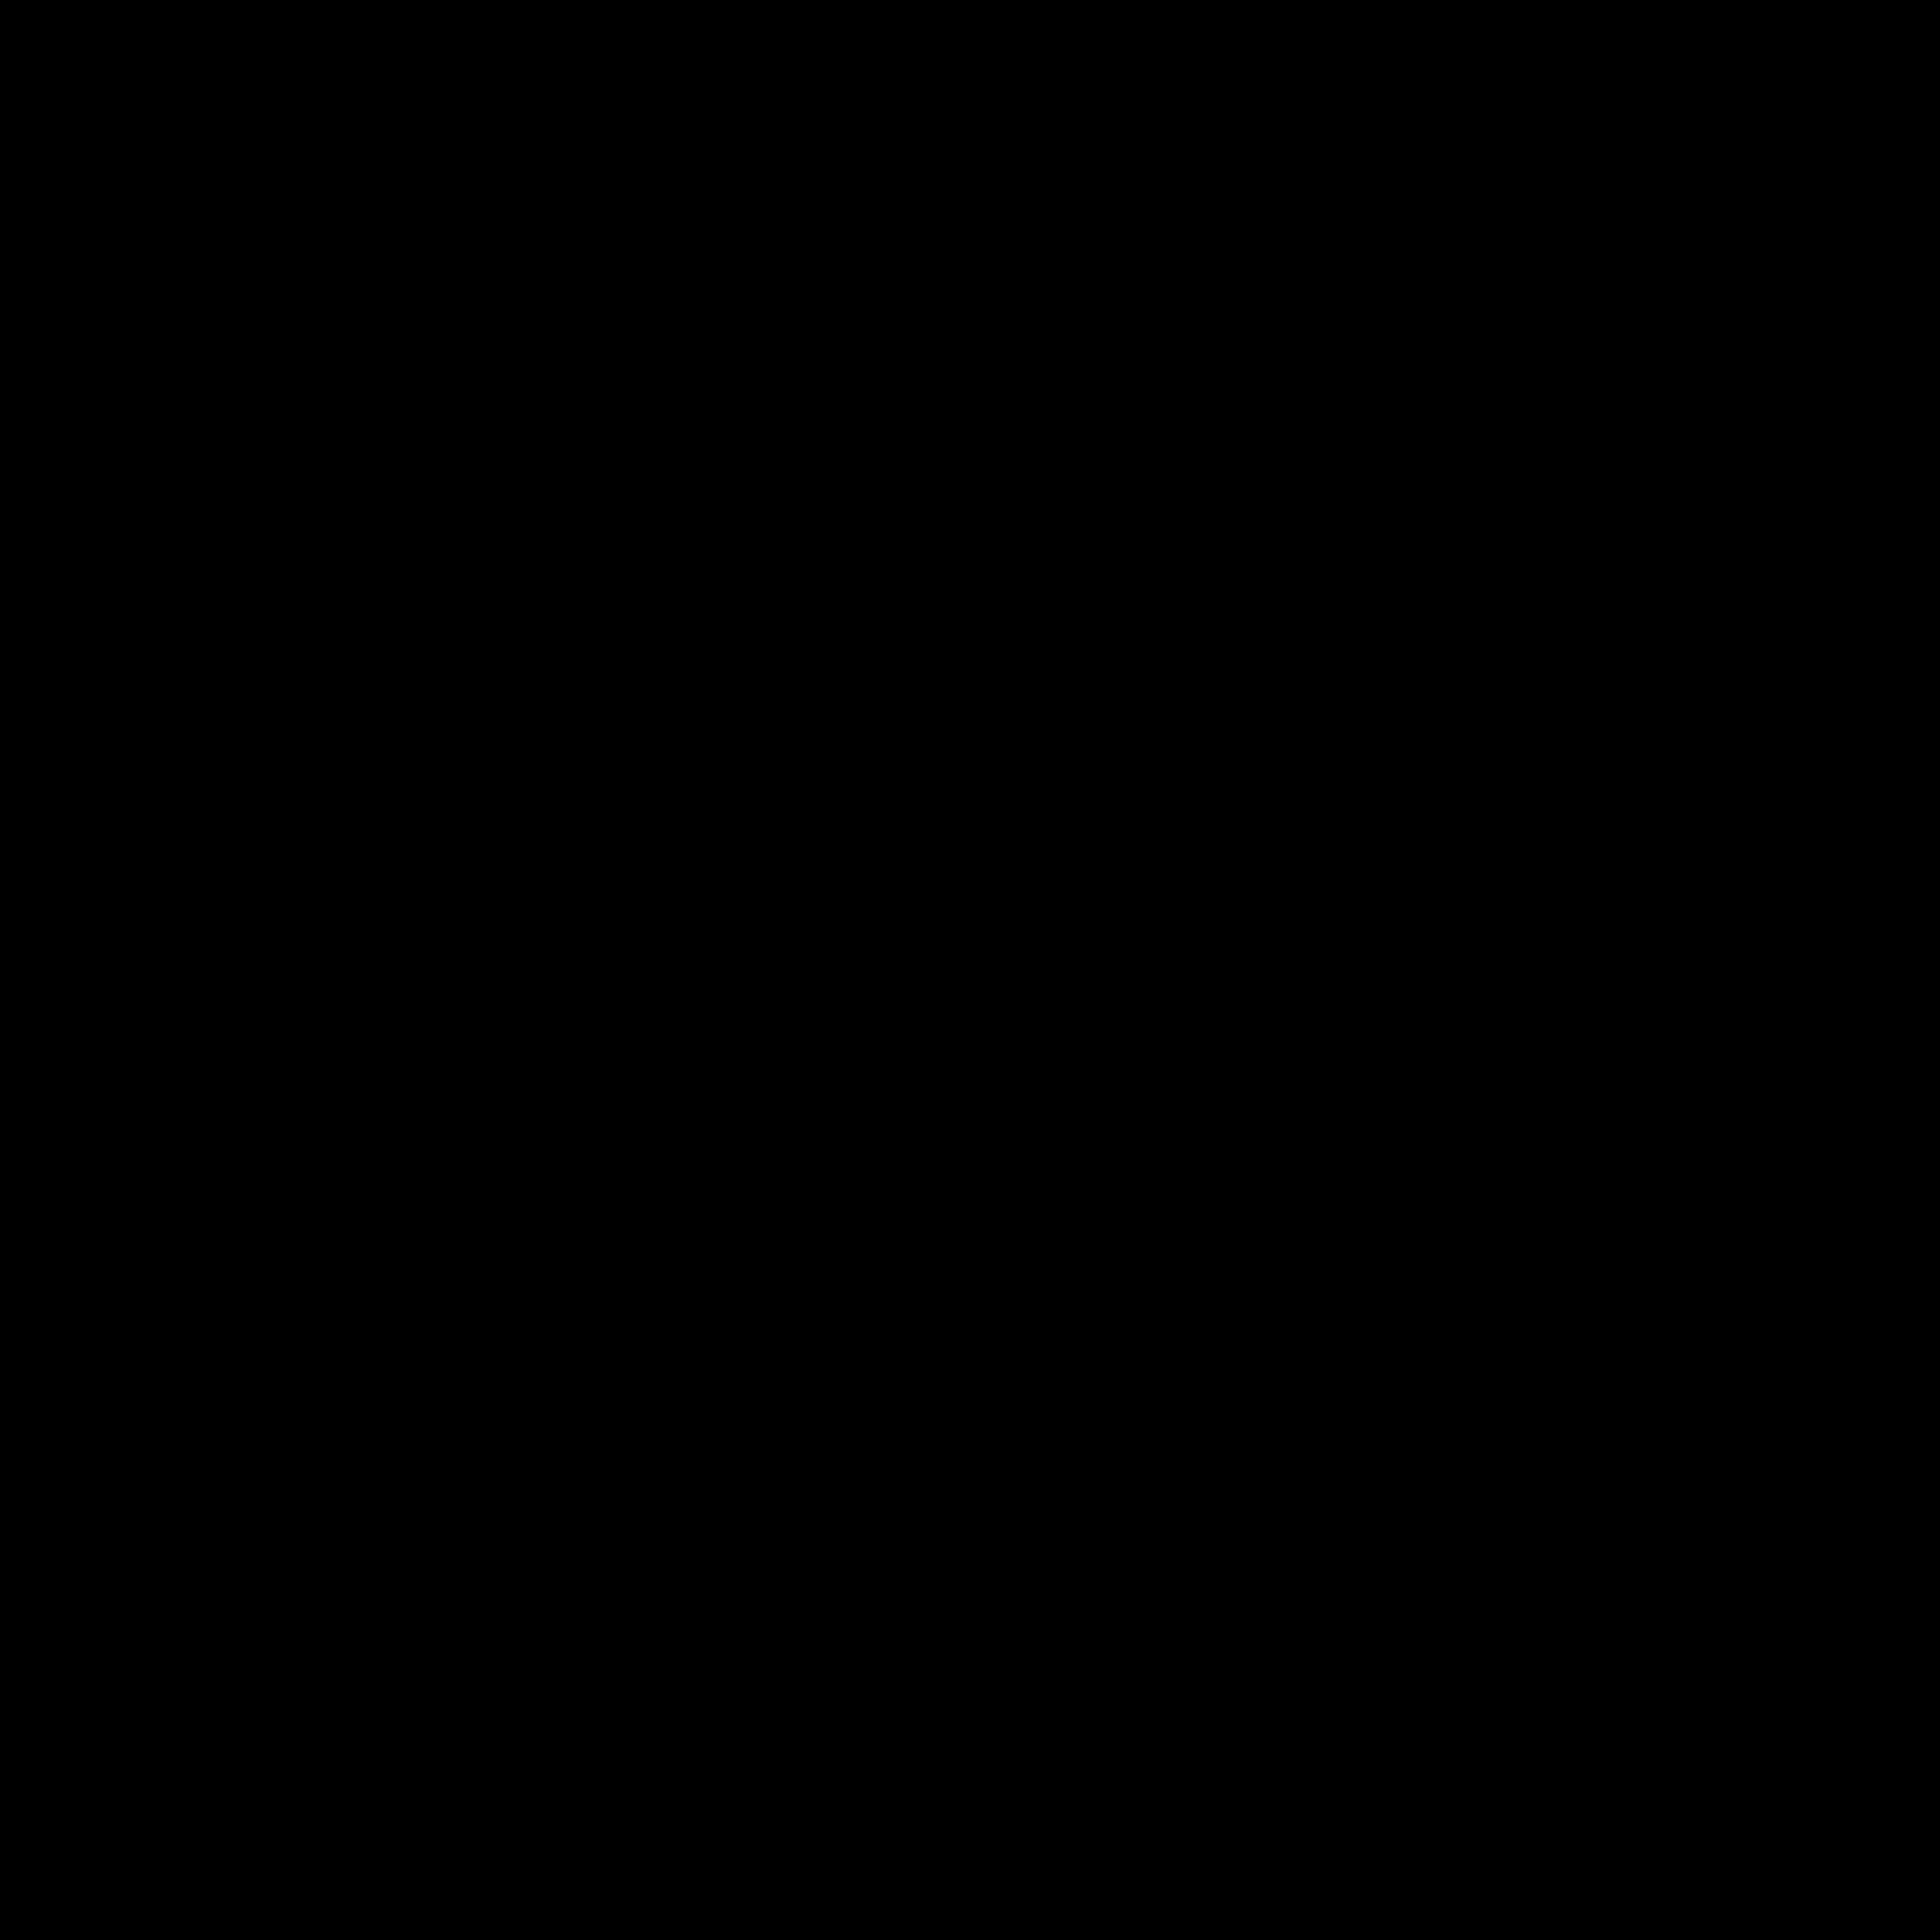 Portside Picks York Paddle + Pickleball